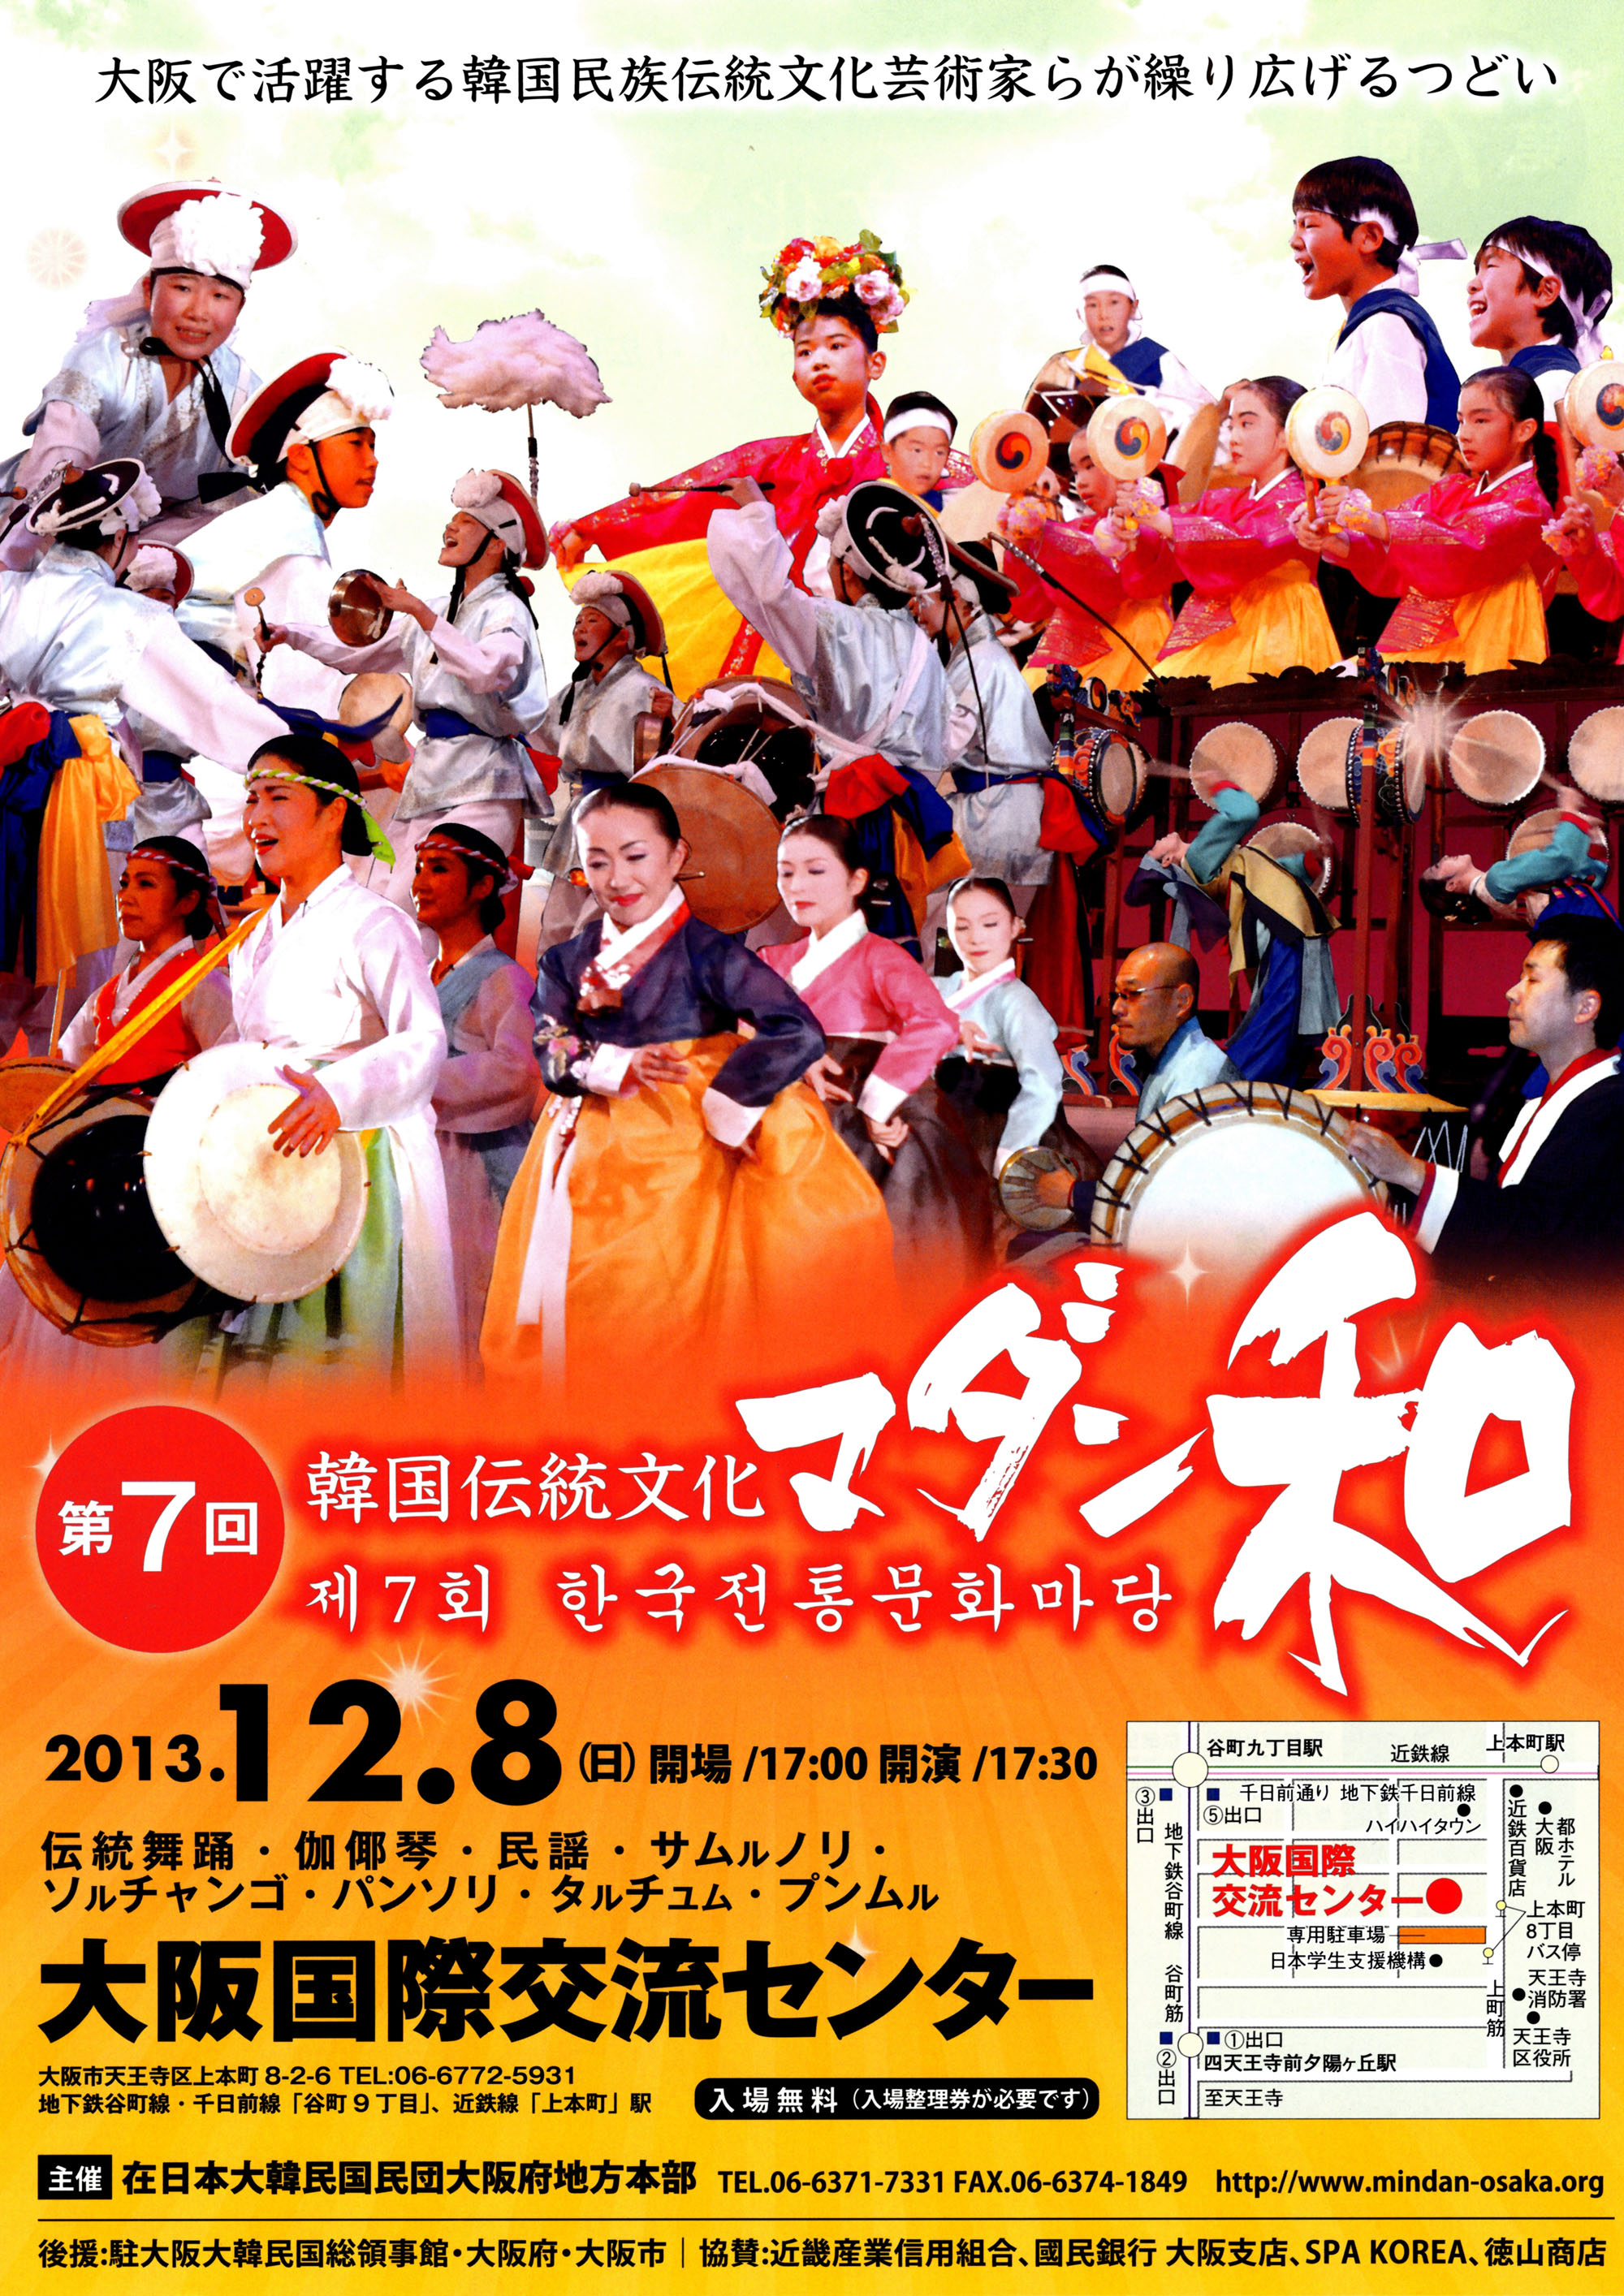 第7回韓国伝統文化マダン和チラシ